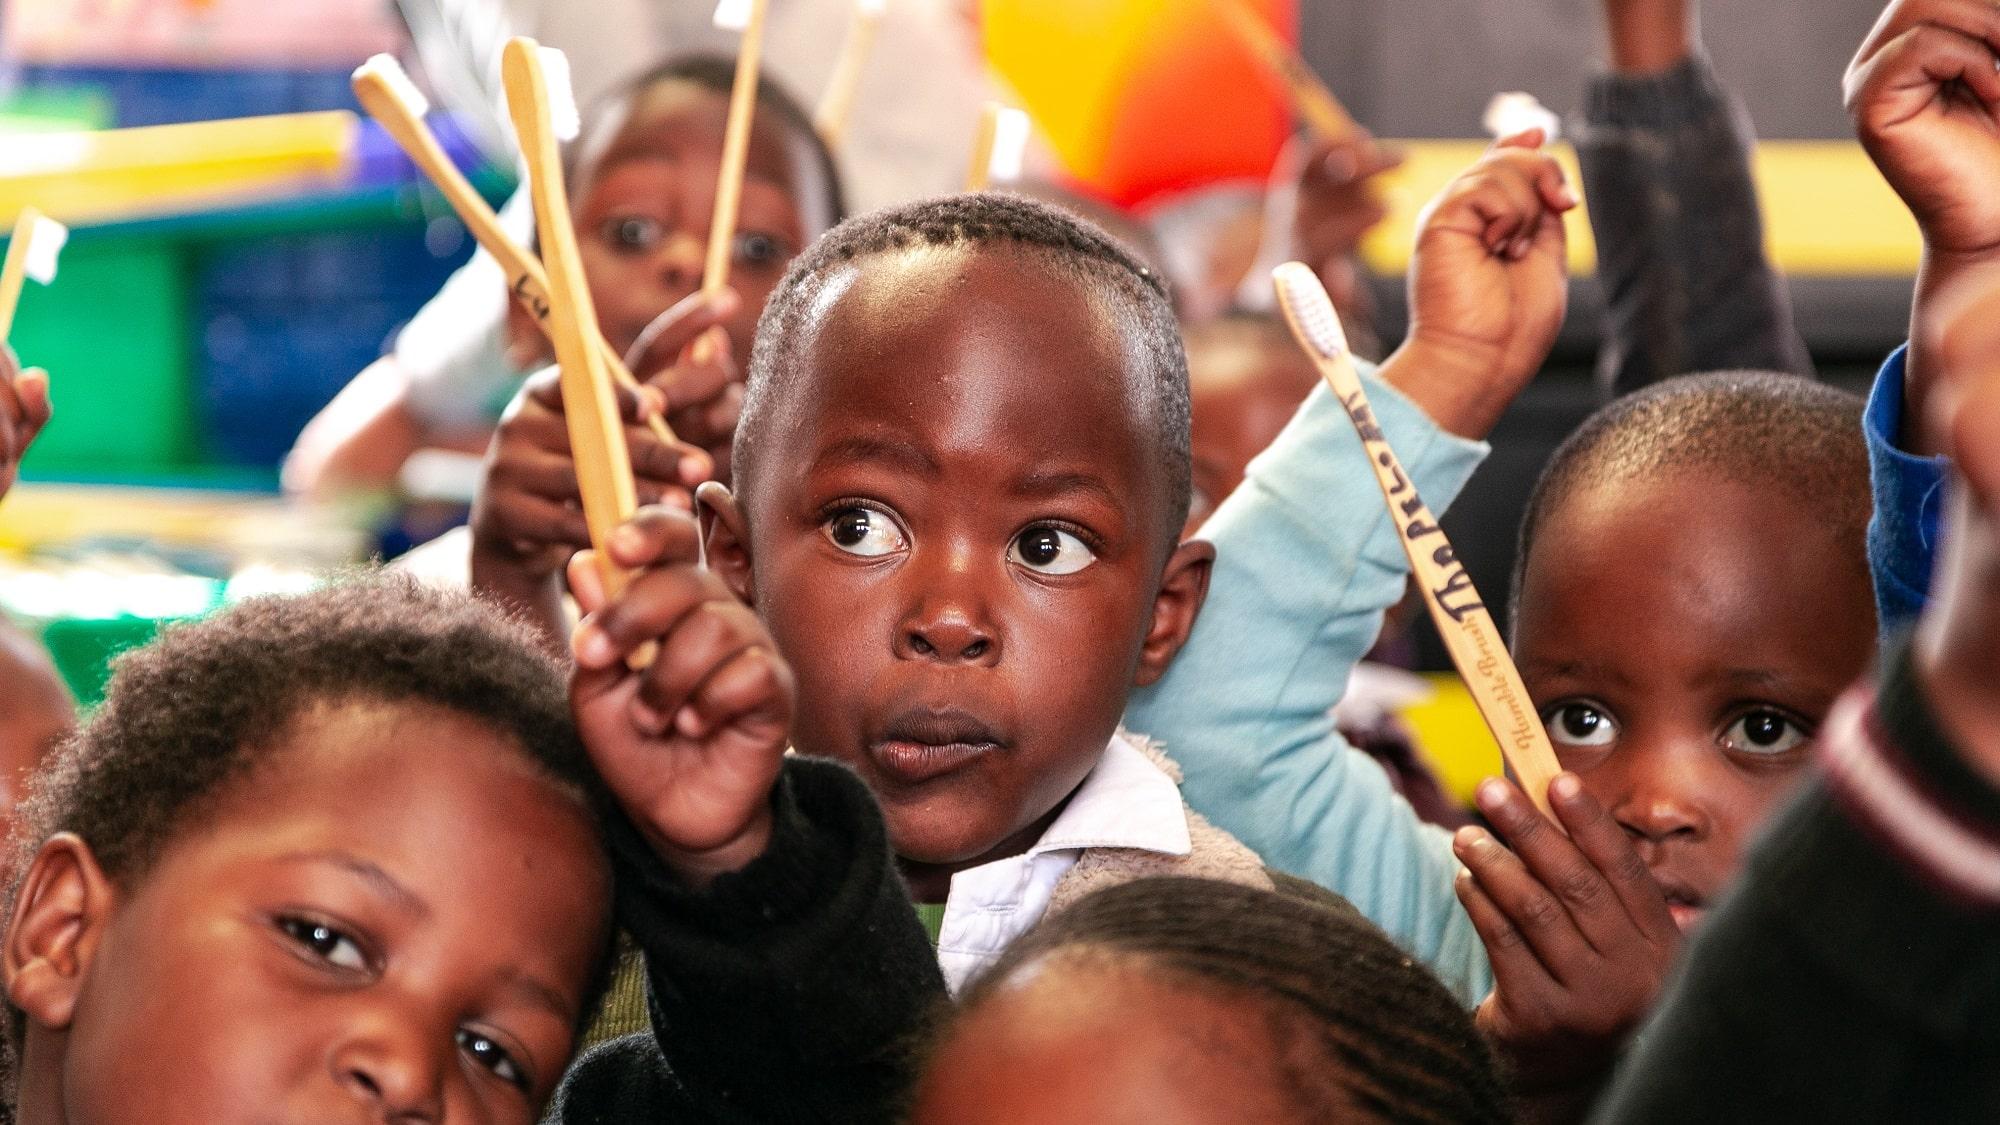 Fondation Humble Smile : accès équitable aux soins bucco-dentaire et durabilité environnementale